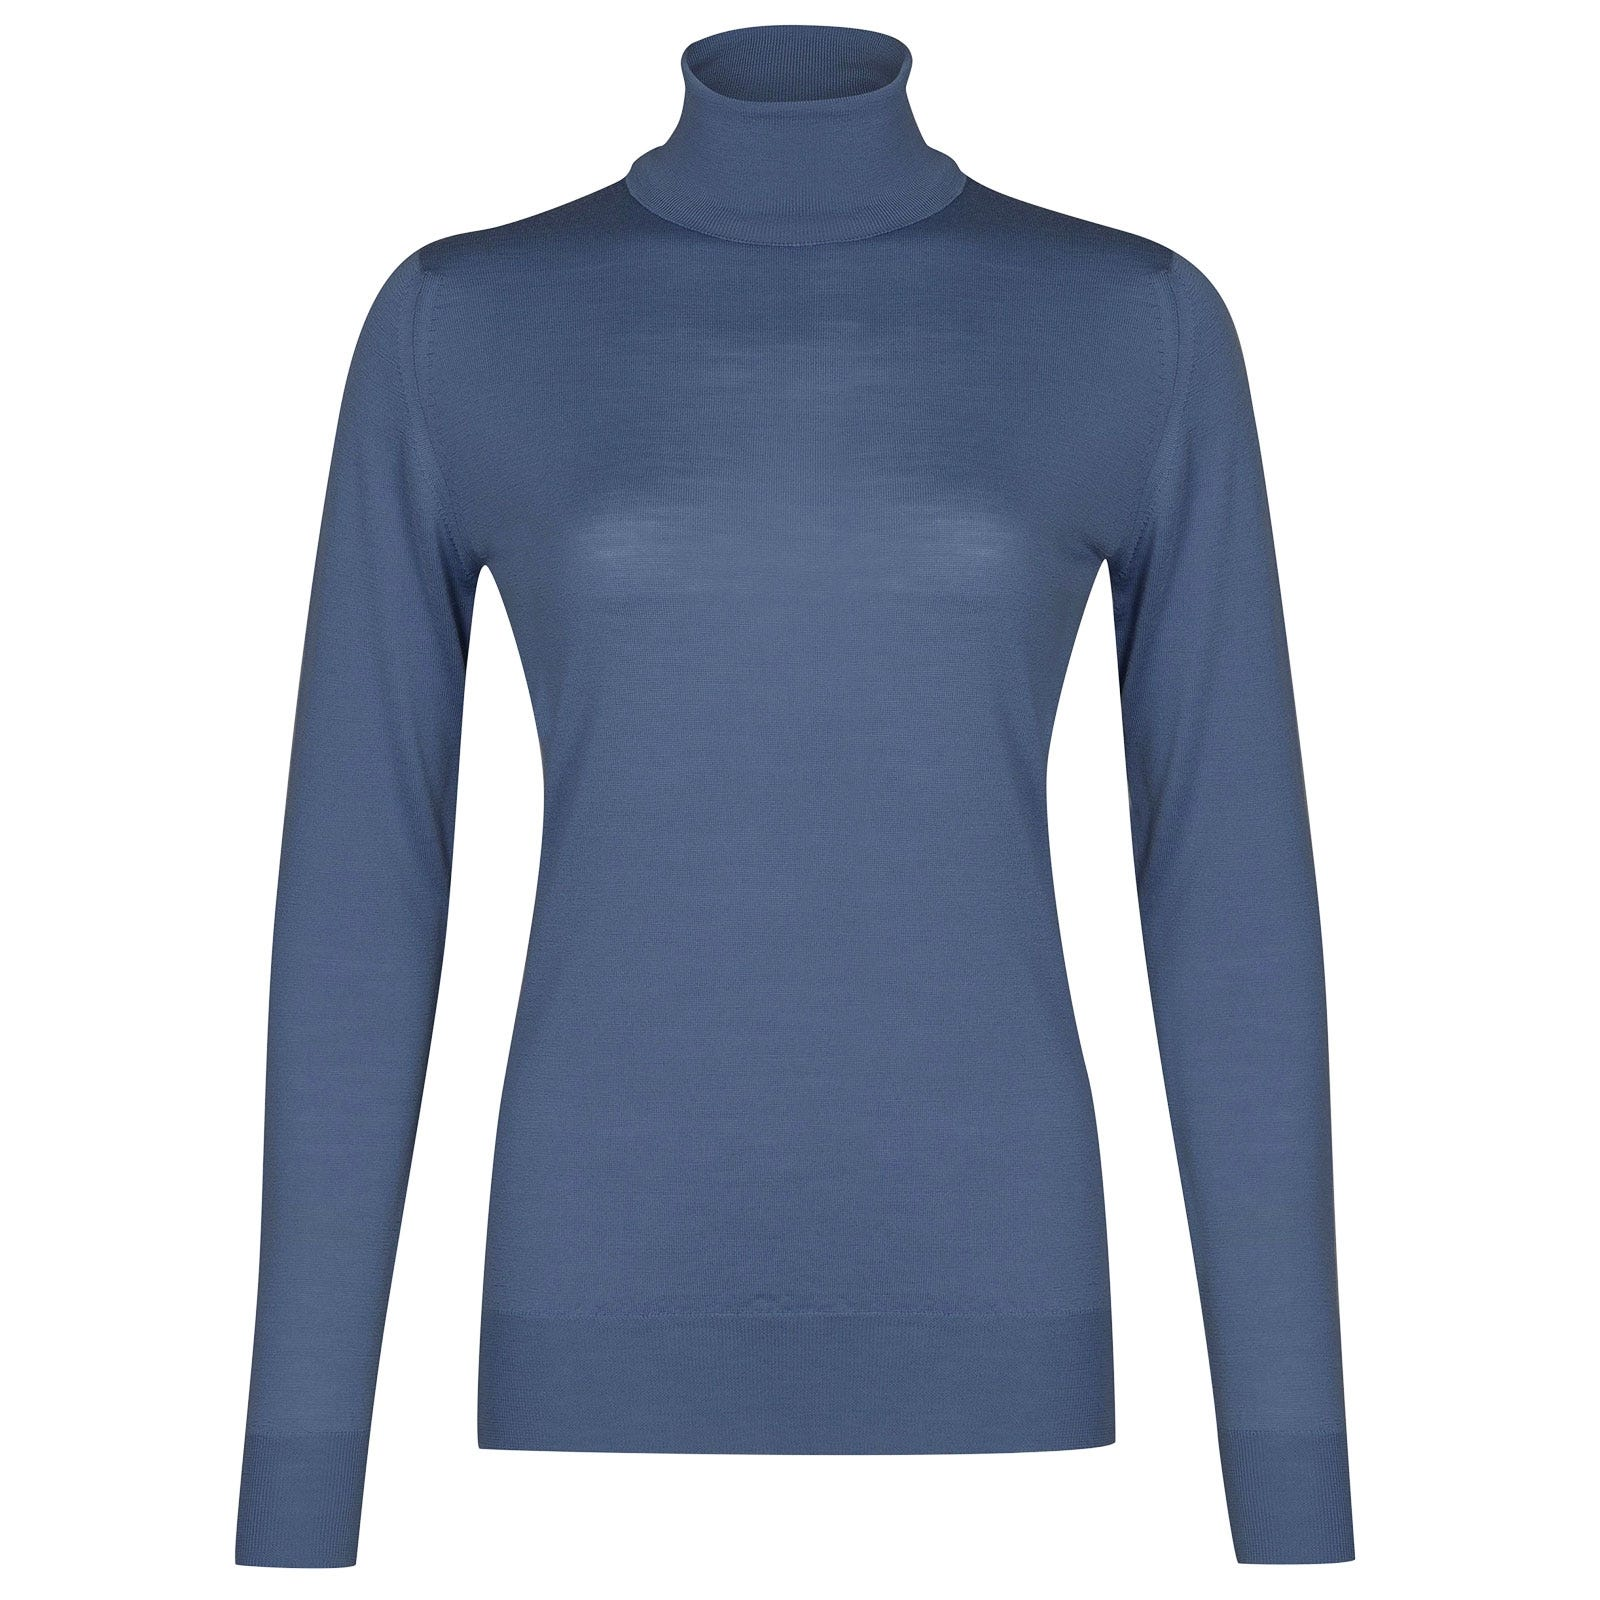 John Smedley Catkin in Blue Iris Sweater-LGE